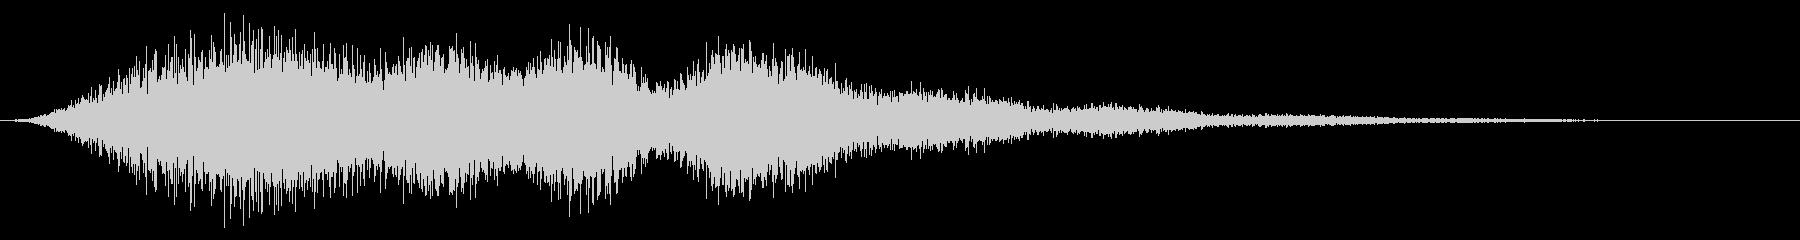 ウォーリースライシングフーシュ1の未再生の波形